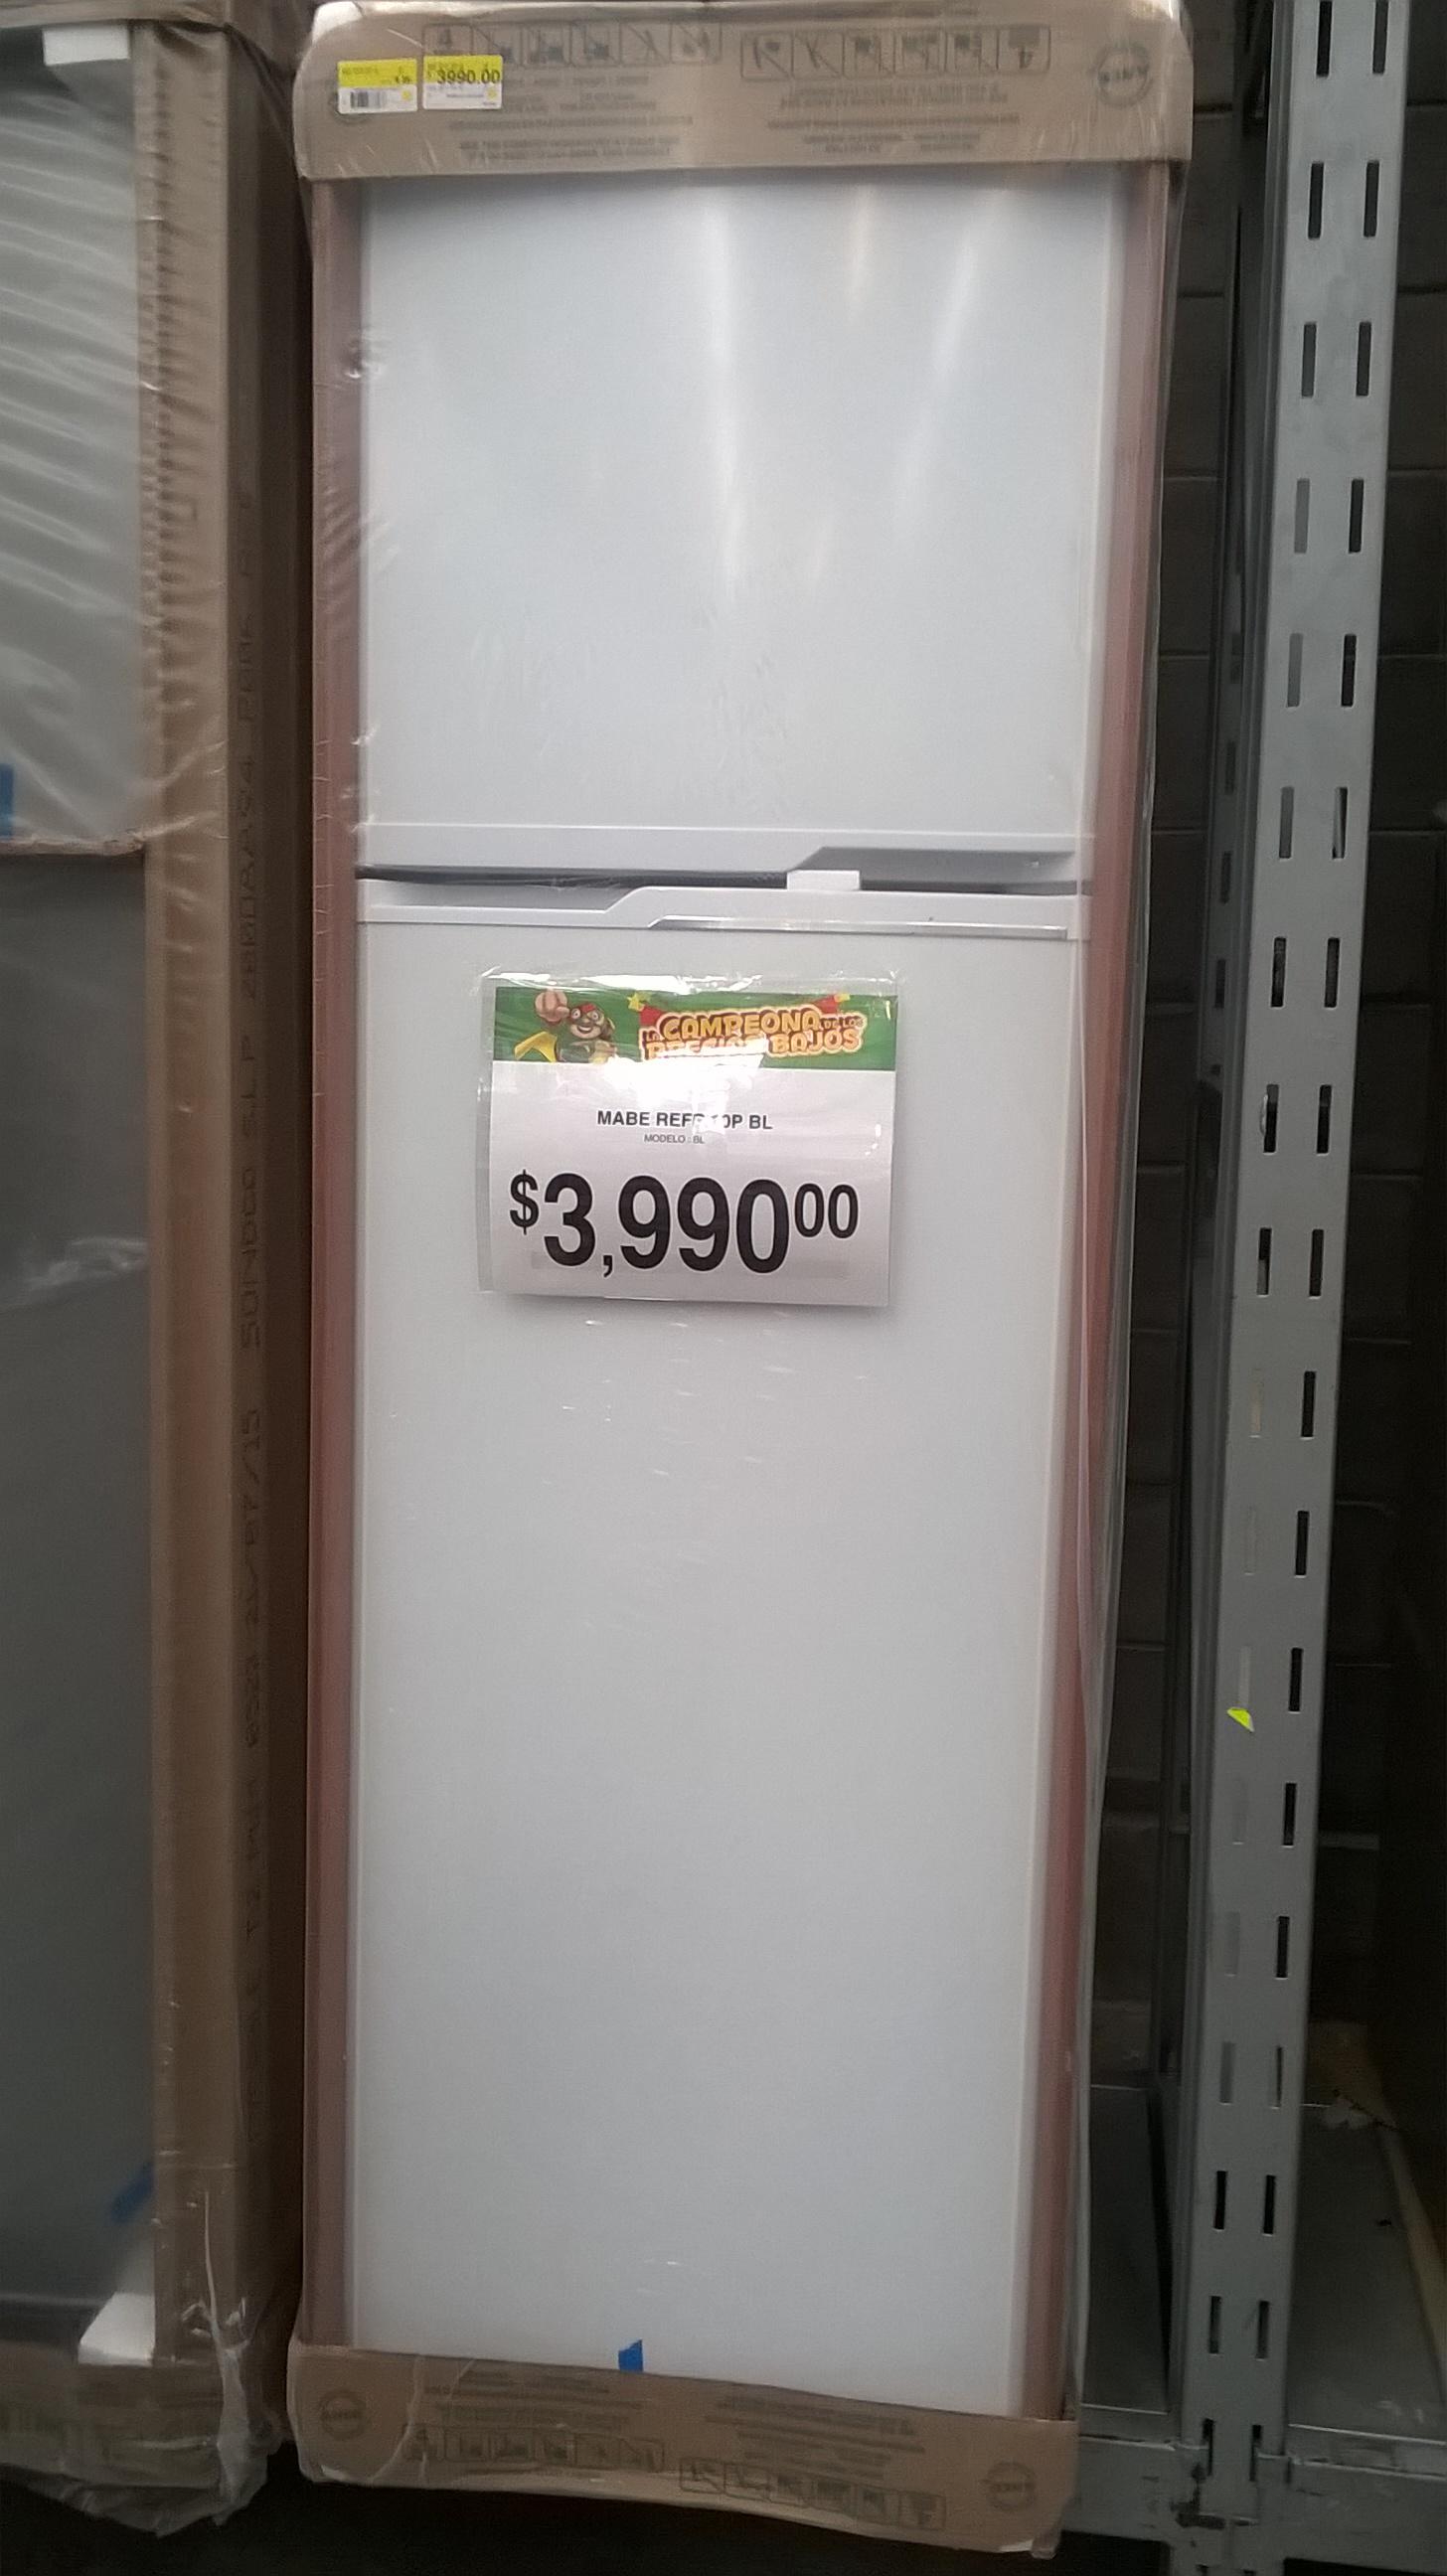 Bodega Aurrerá: Refrigerador Mabe 10 pies a $3990